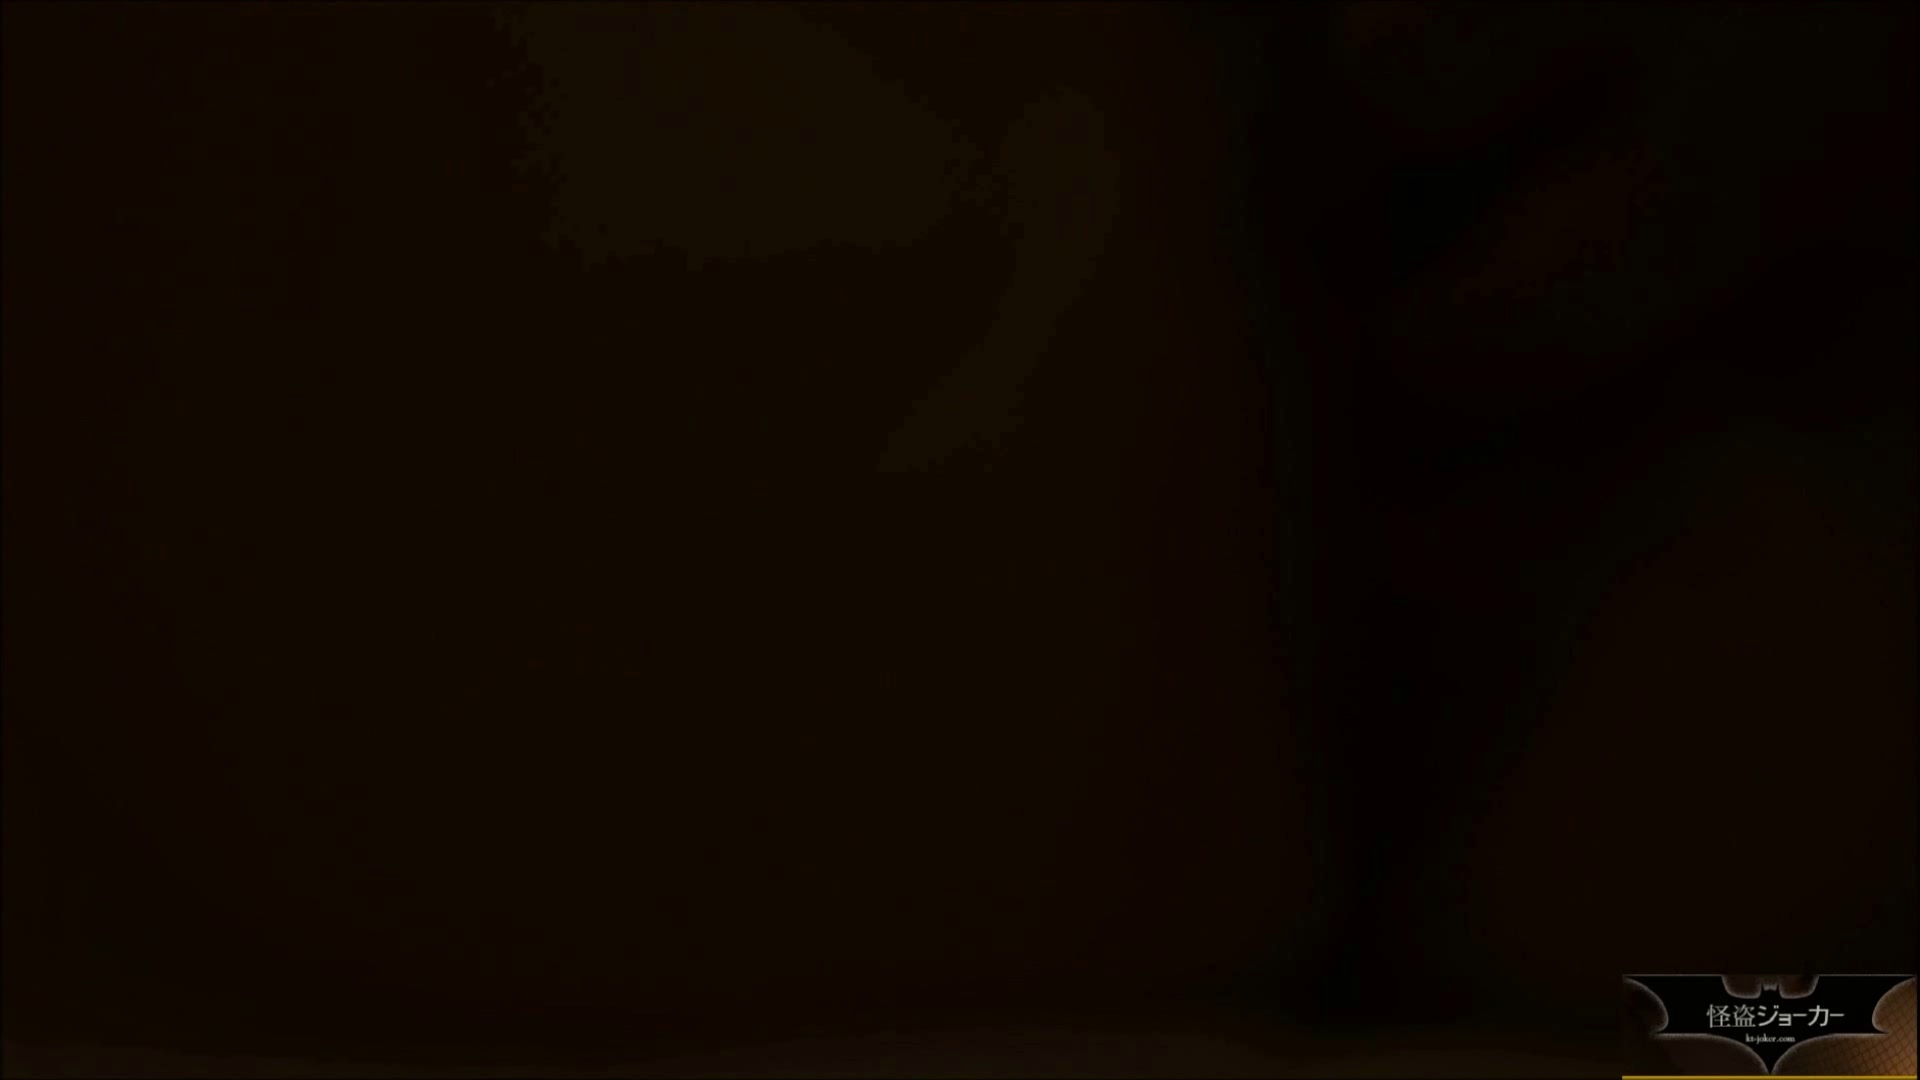 【未公開】vol.36 【援助】鏡越しの朋葉を見ながら・・・ OLの実態   0  46pic 35